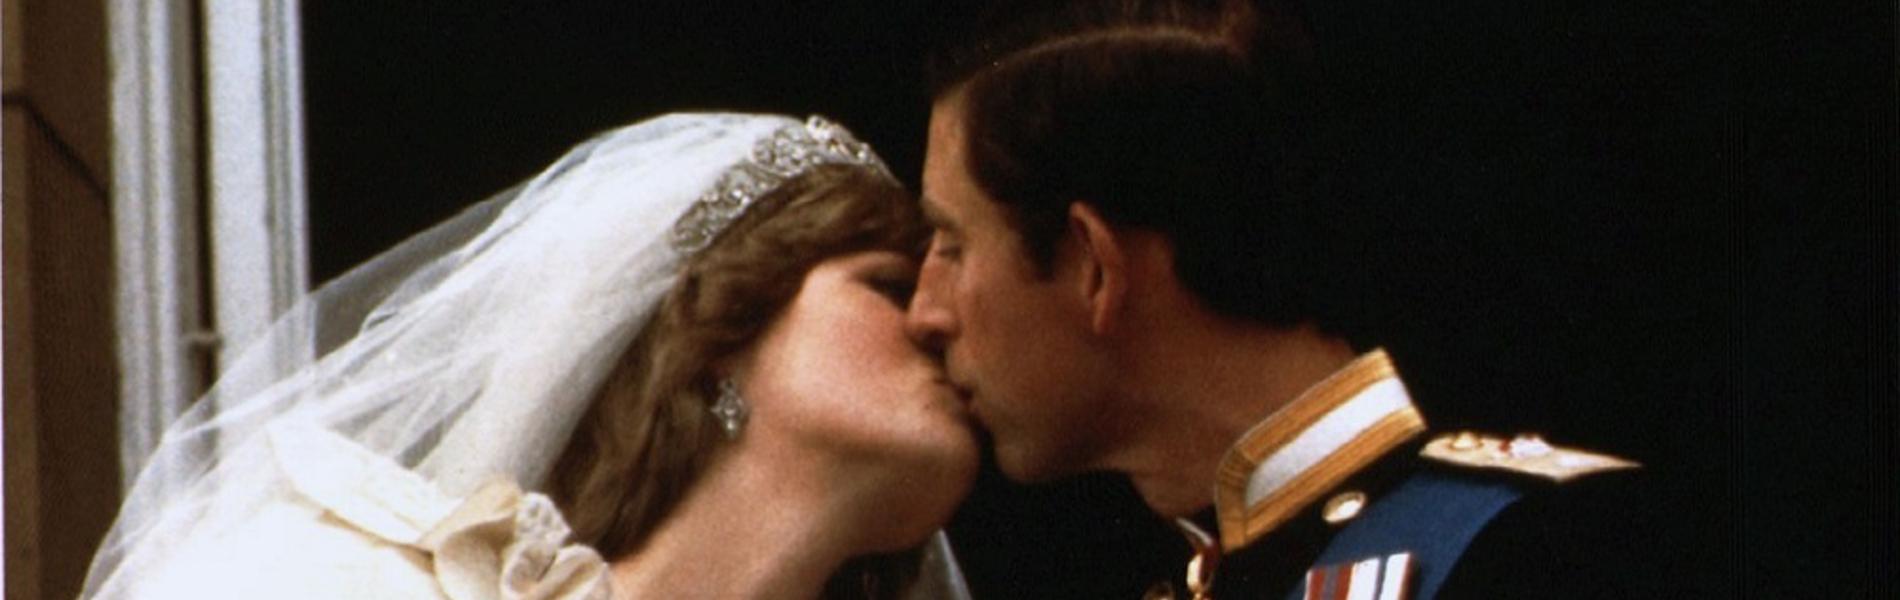 """הנסיך צ'ארלס חושף:""""לא רציתי להתחתן עם דיאנה"""""""